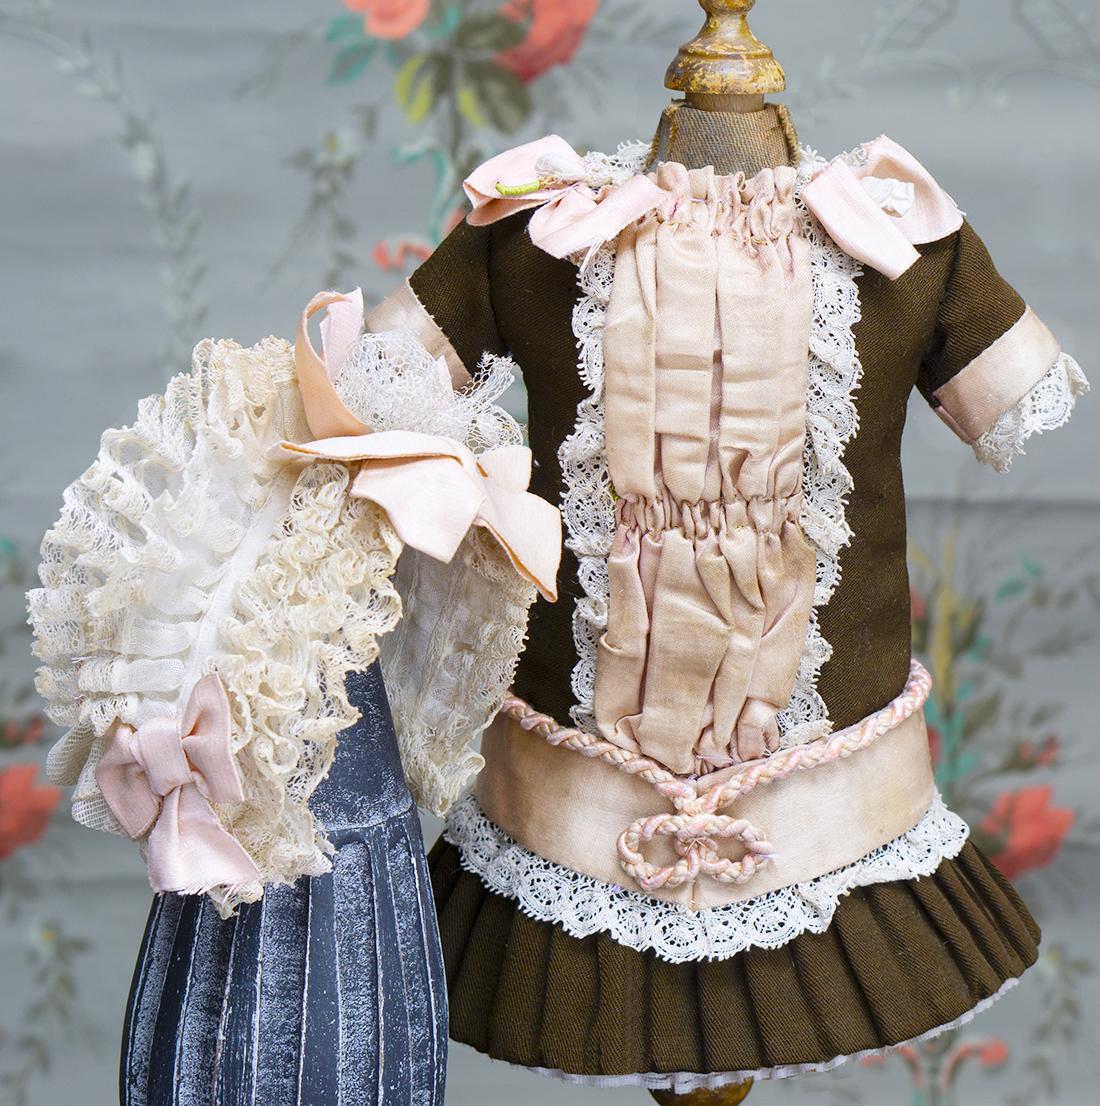 Antique doll dress and bonnet